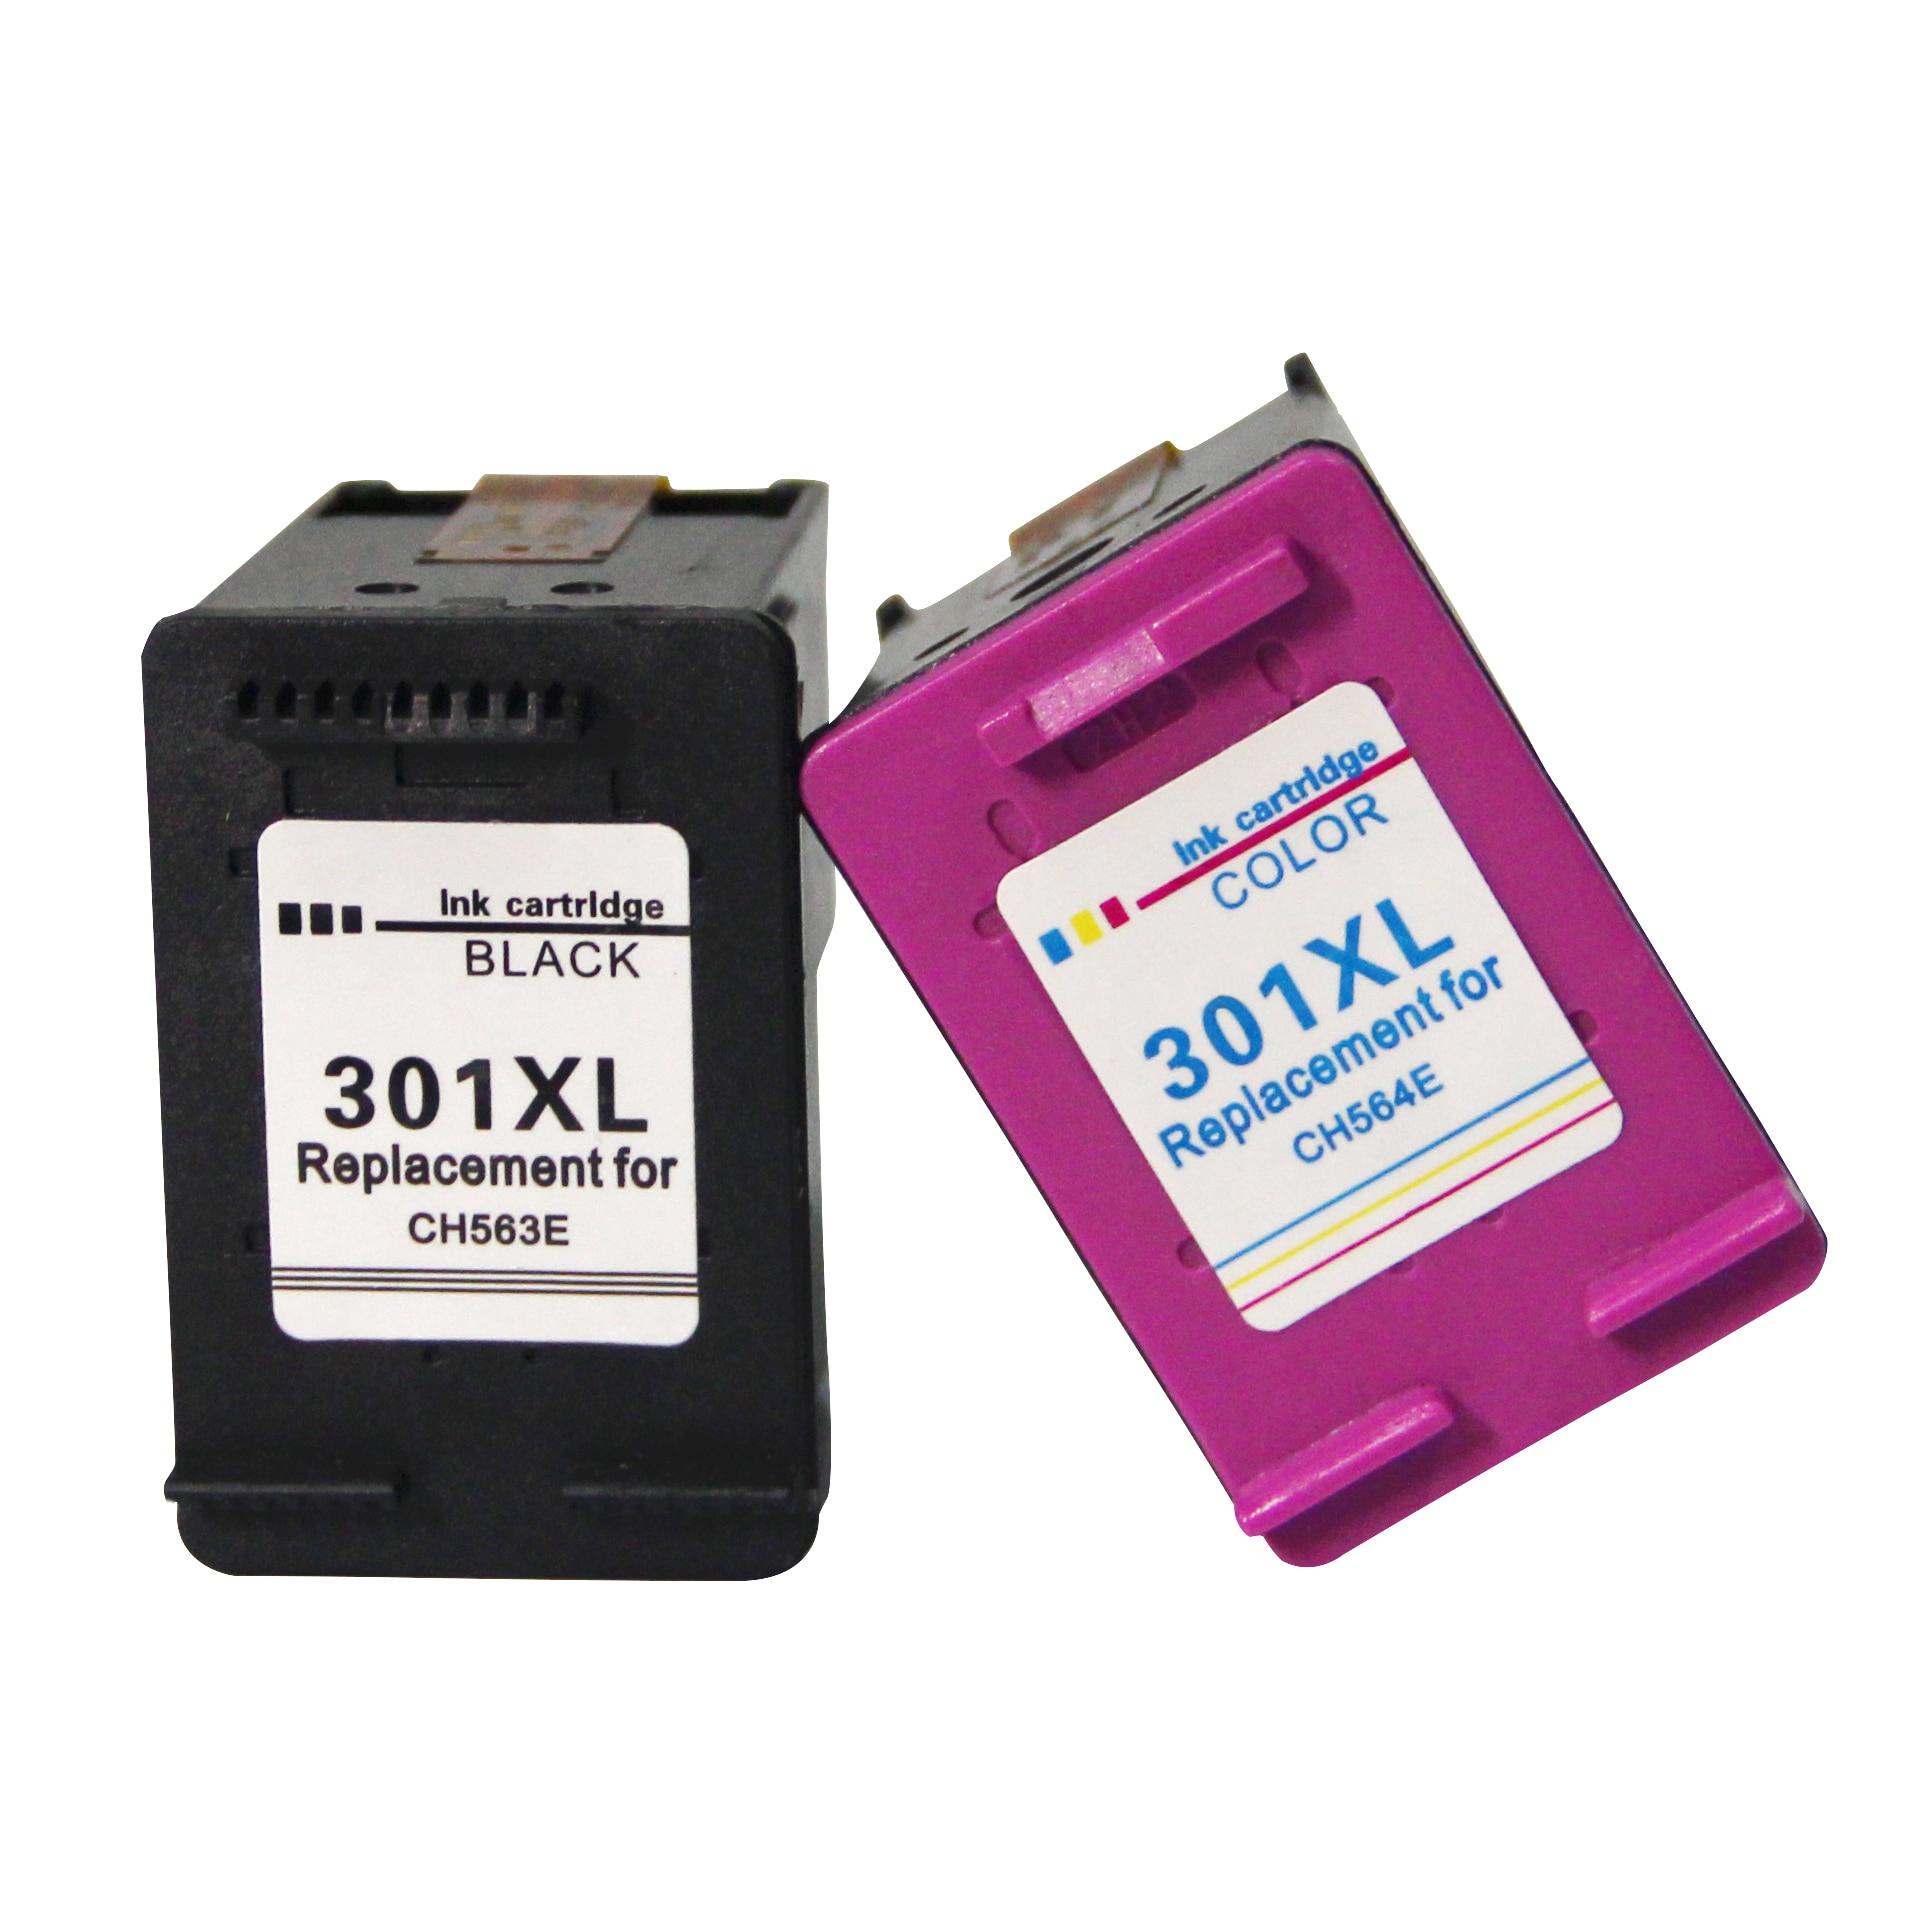 Ewidern cartucho de tinta compatível, para hp 301 xl deskjet 1000 1050 2000 2050 2050s 2510 3510 3050a impressoras